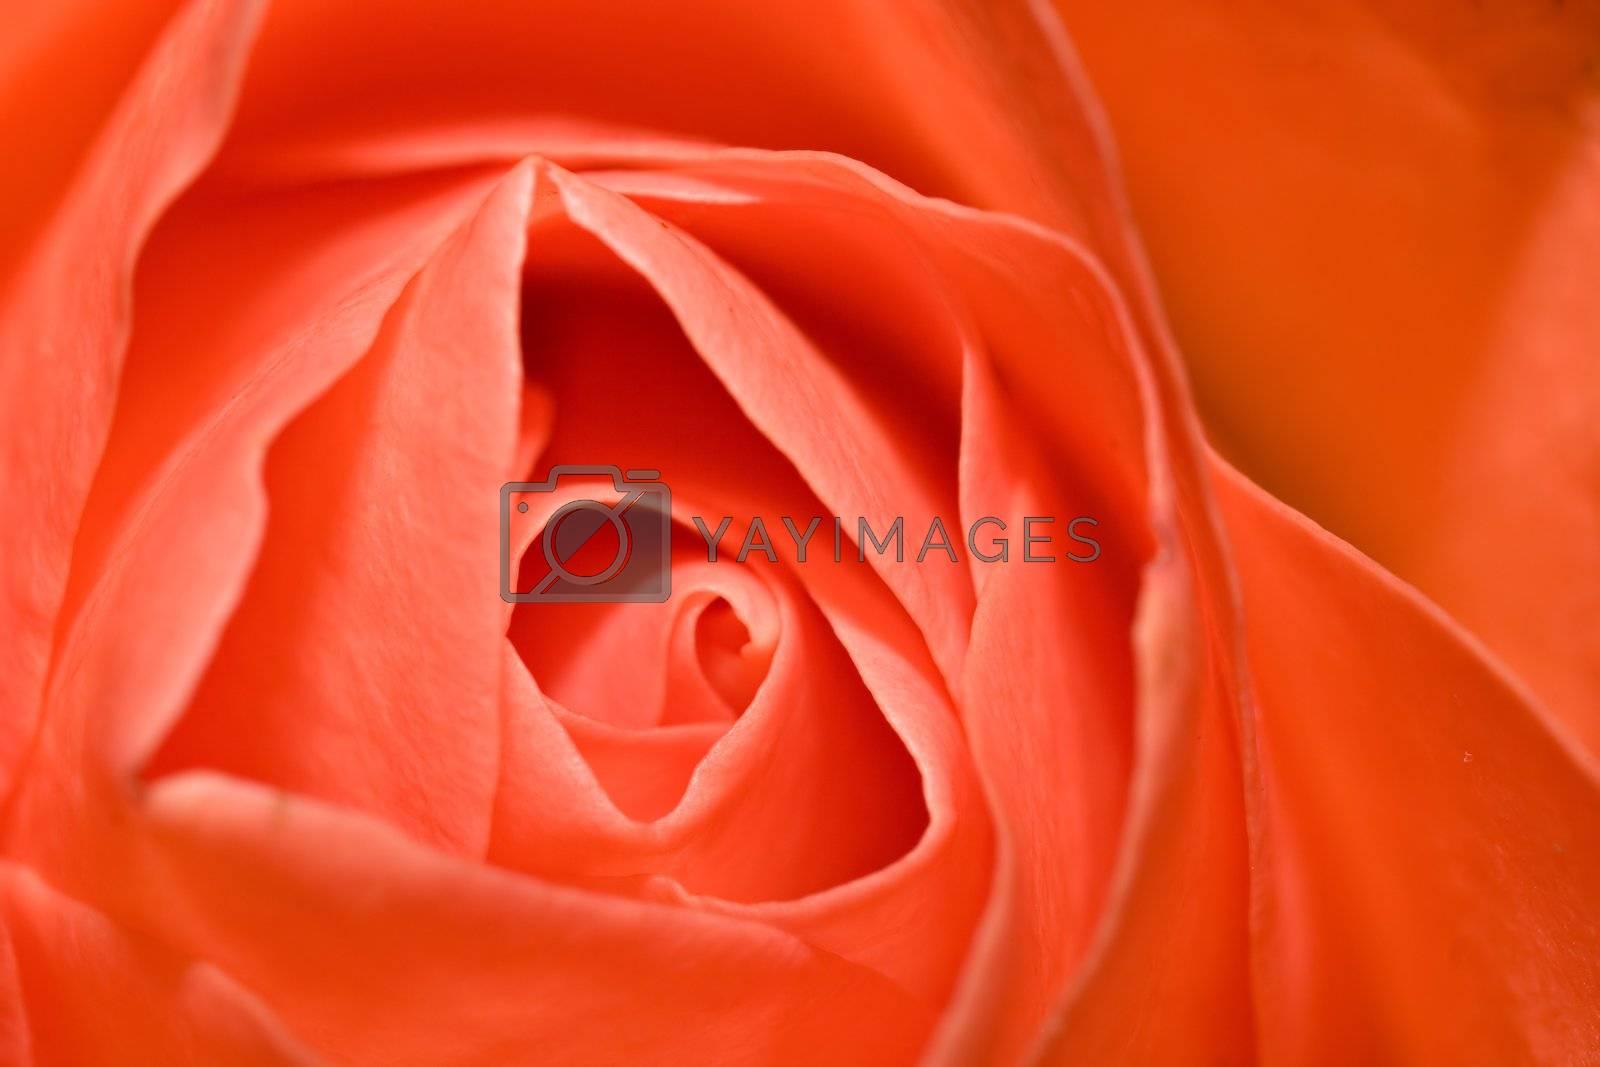 Macro shot of a red/orange rose.